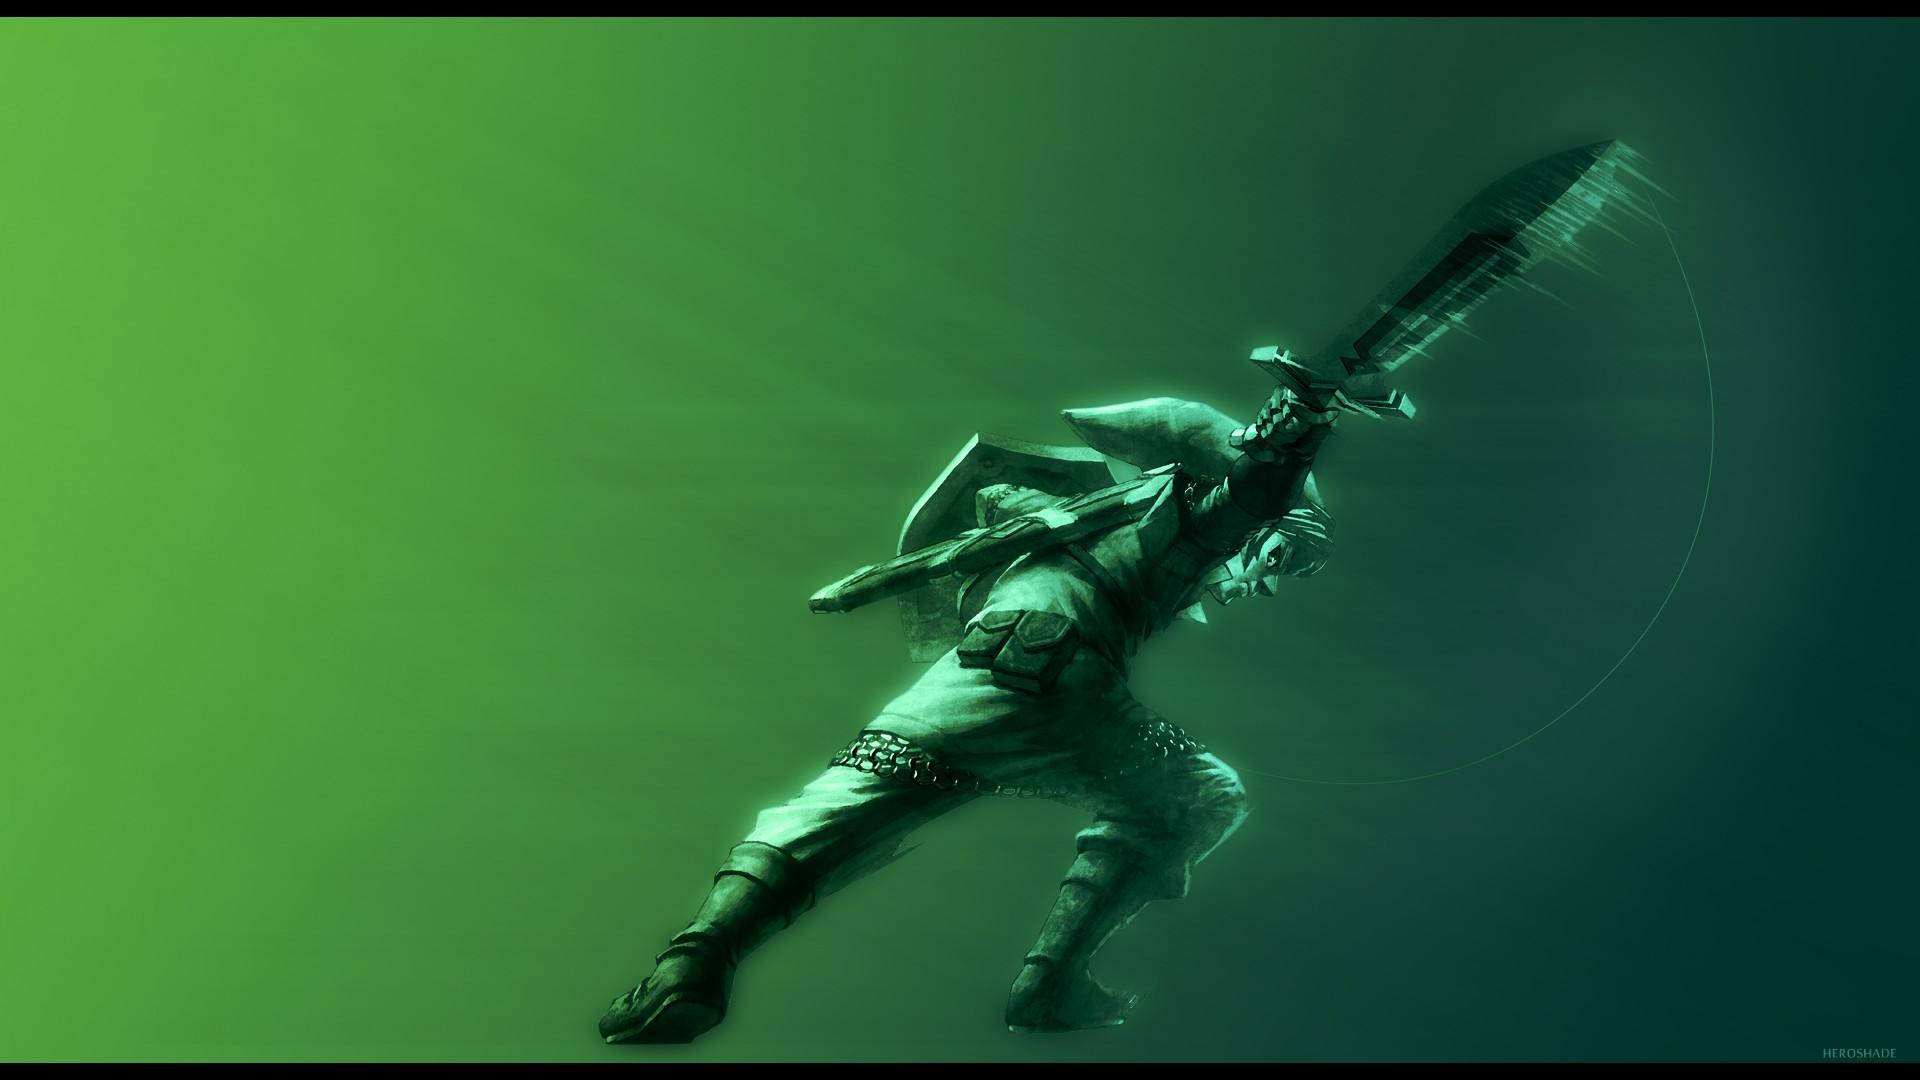 Link The Legend Of Zelda Skyward Sword Hd Wallpapers Desktop